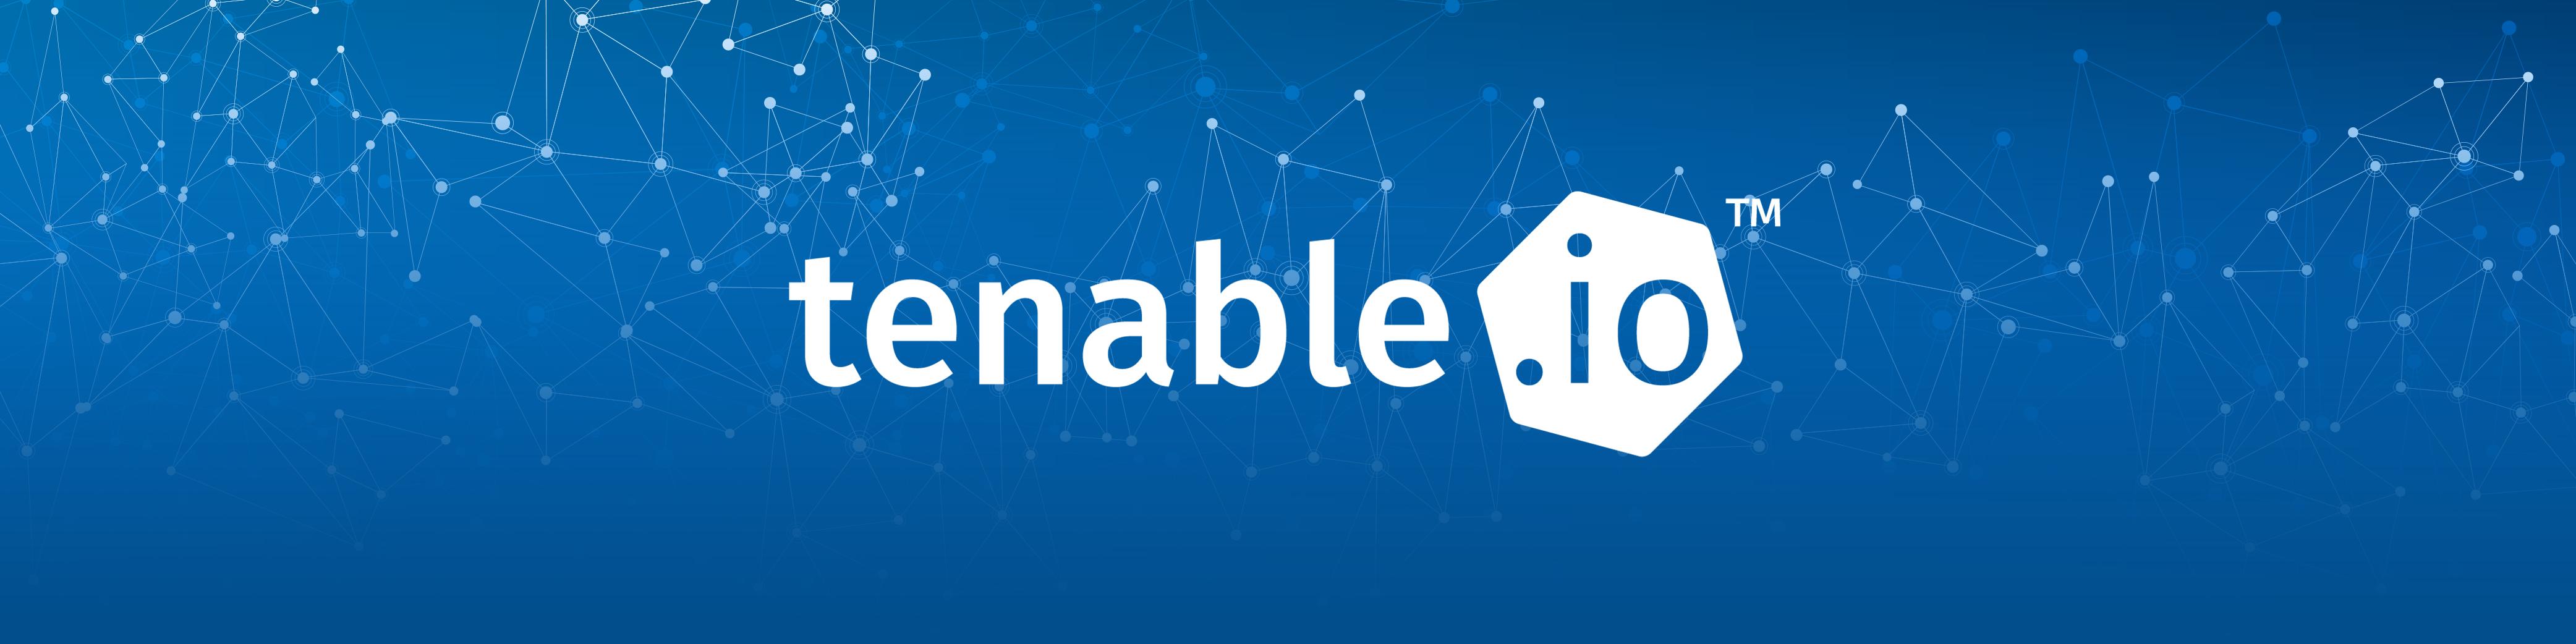 Intro to the Tenable io API - Cybrary